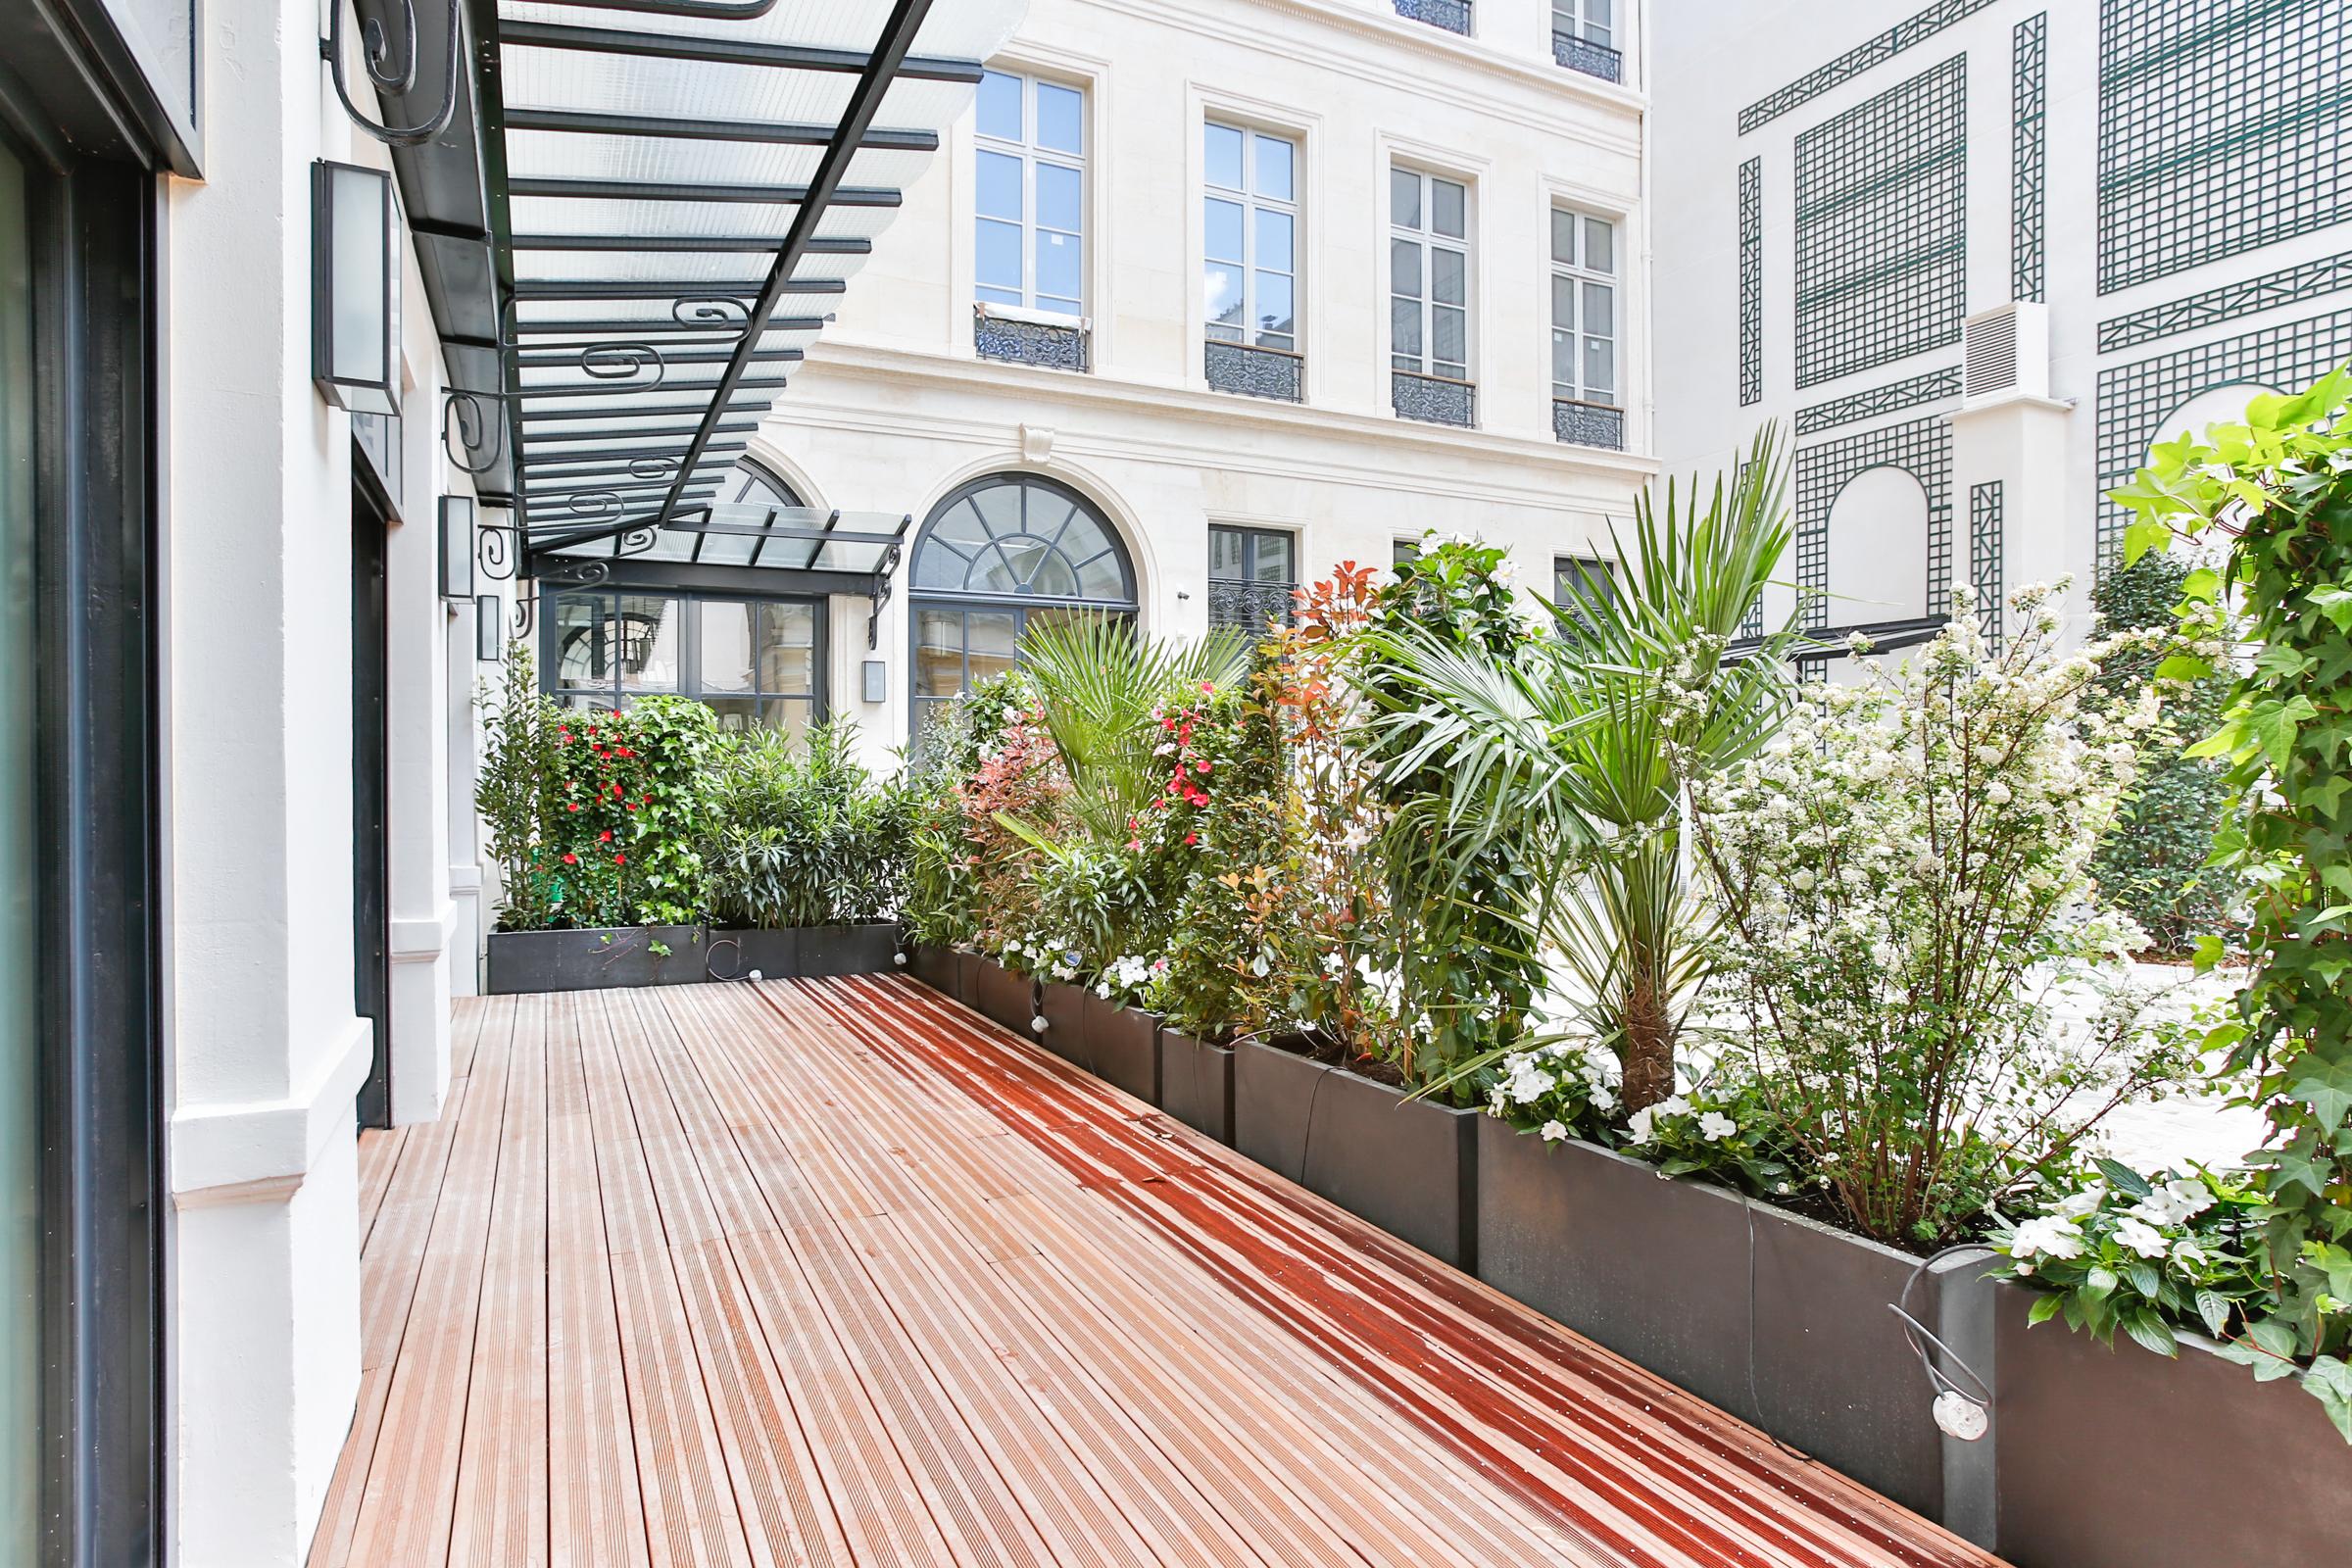 Duplex 为 销售 在 Duplex - Saint Germain Paris, 巴黎 75007 法国